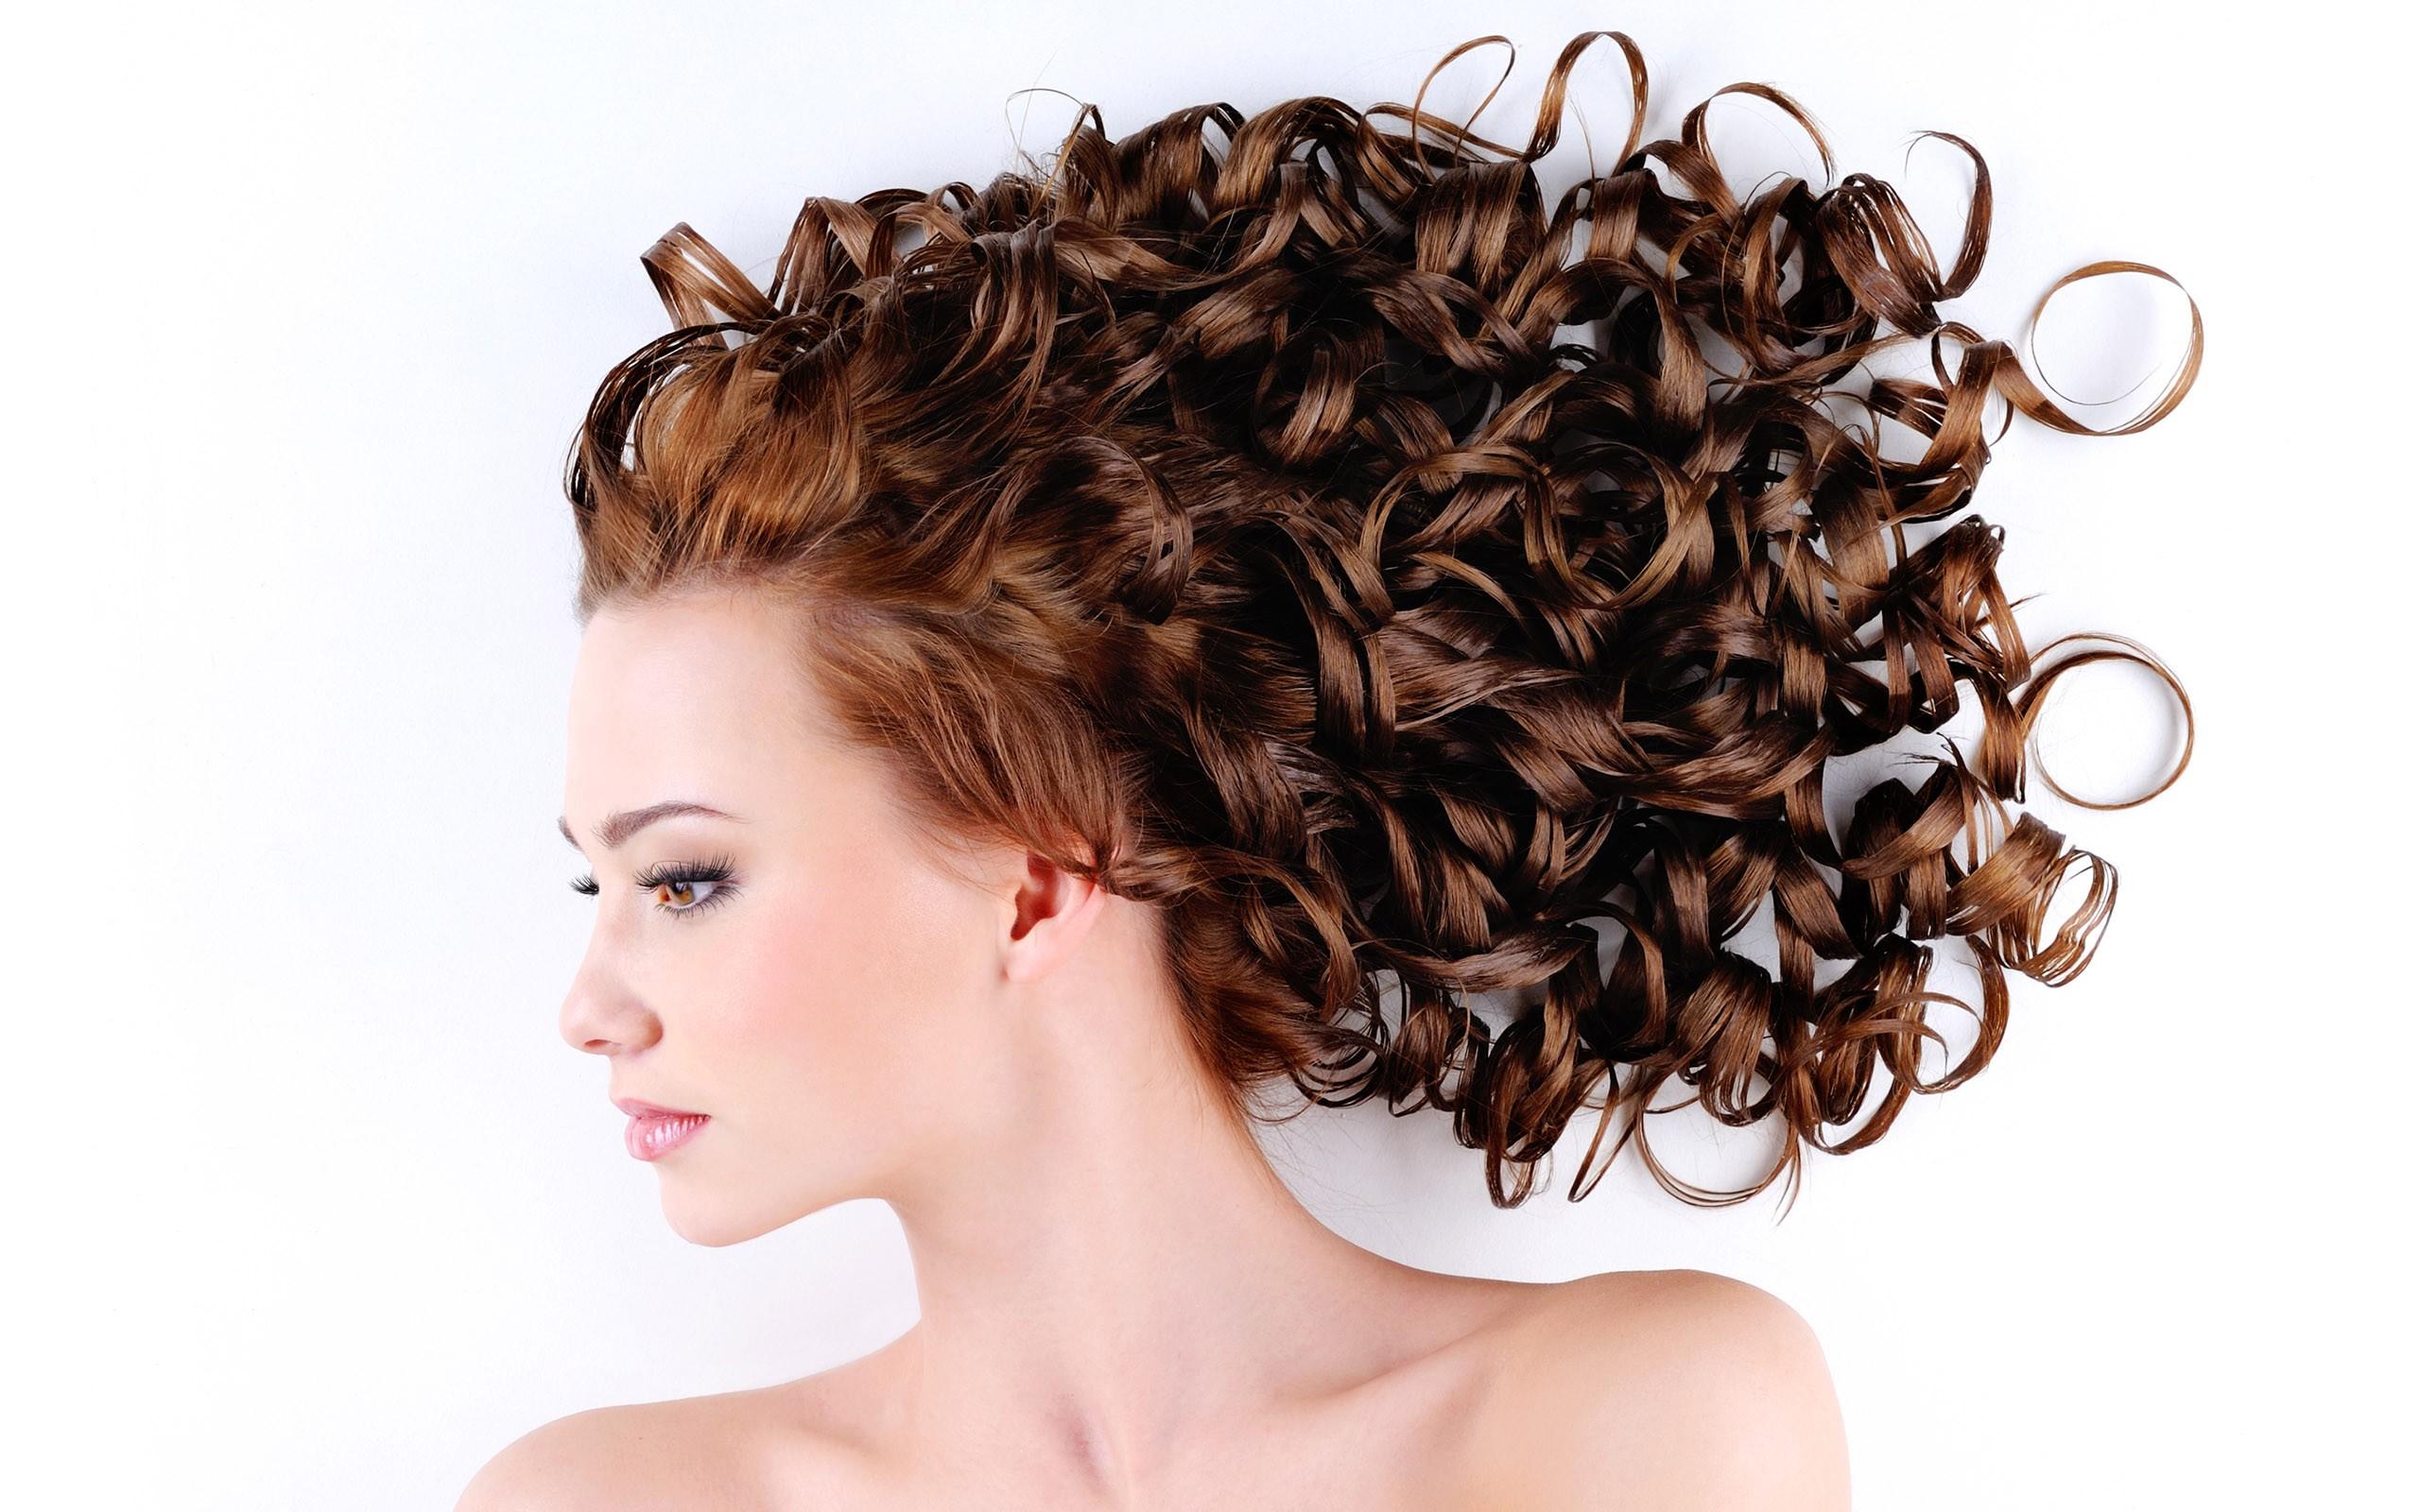 بالصور شعر كيرلي طبيعي , اجمل قصات الشعر 12917 8